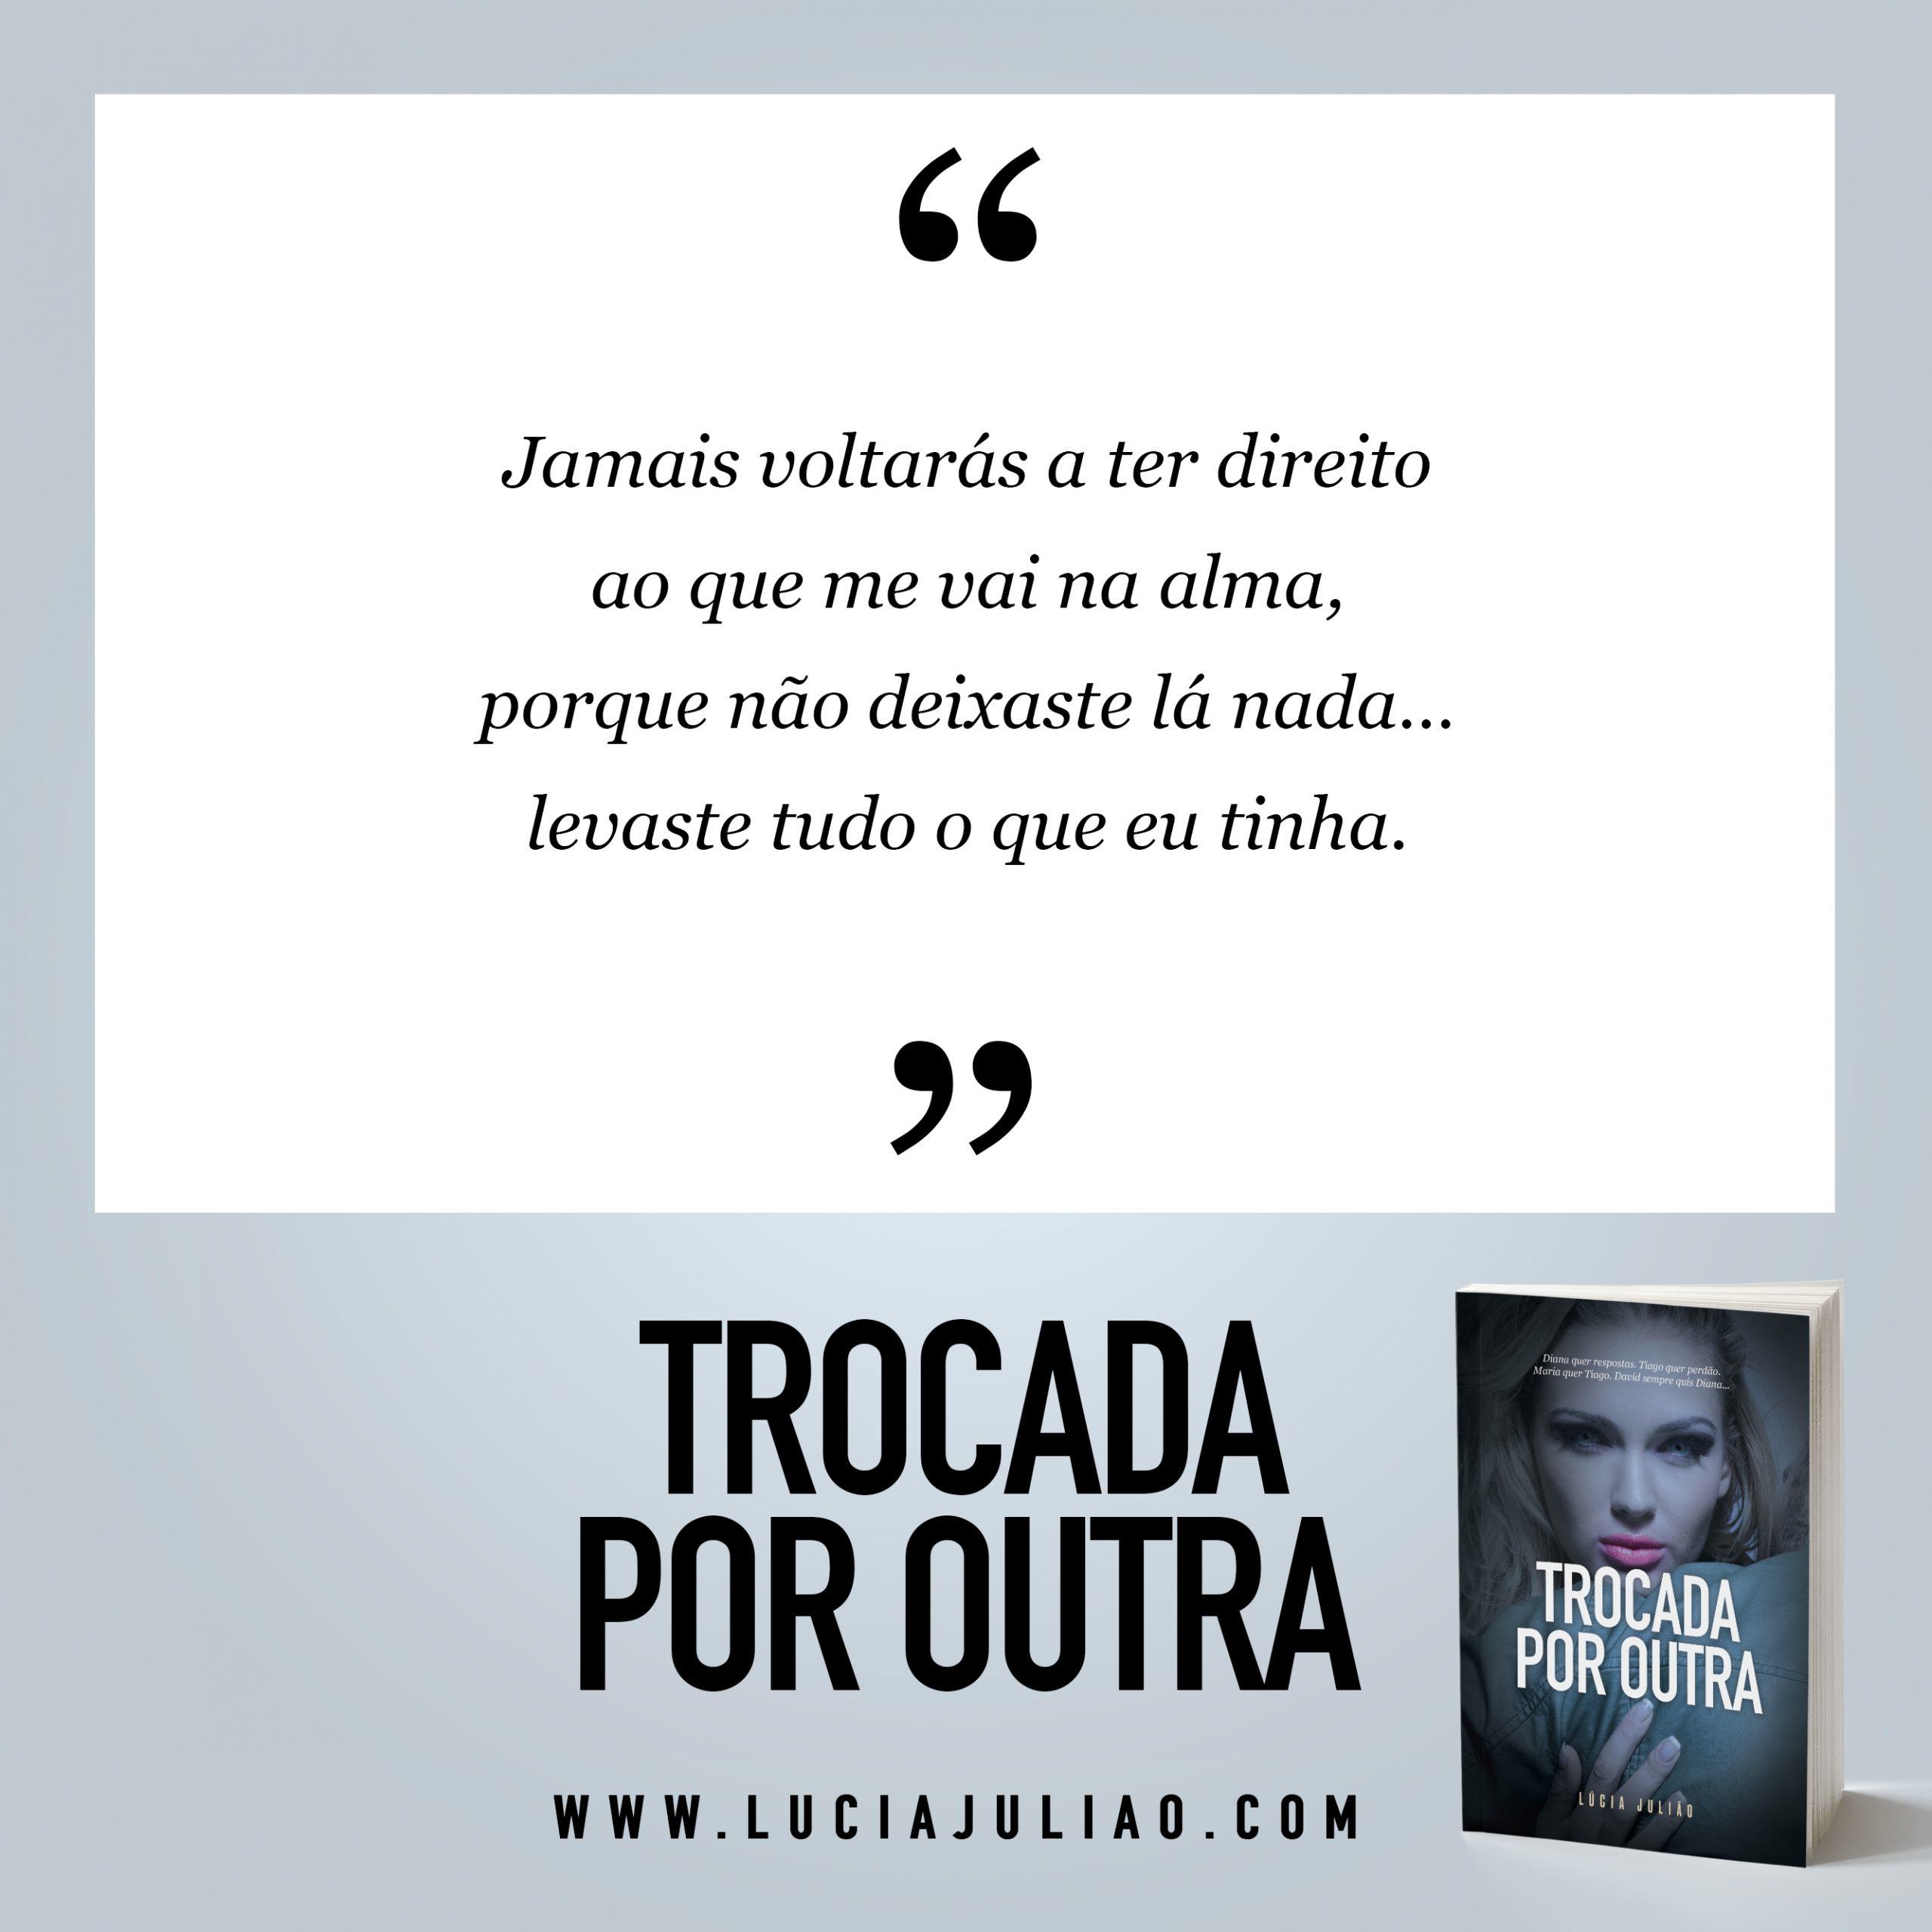 053Q - capitulo 17 Trocada por outra - Lúcia Julião